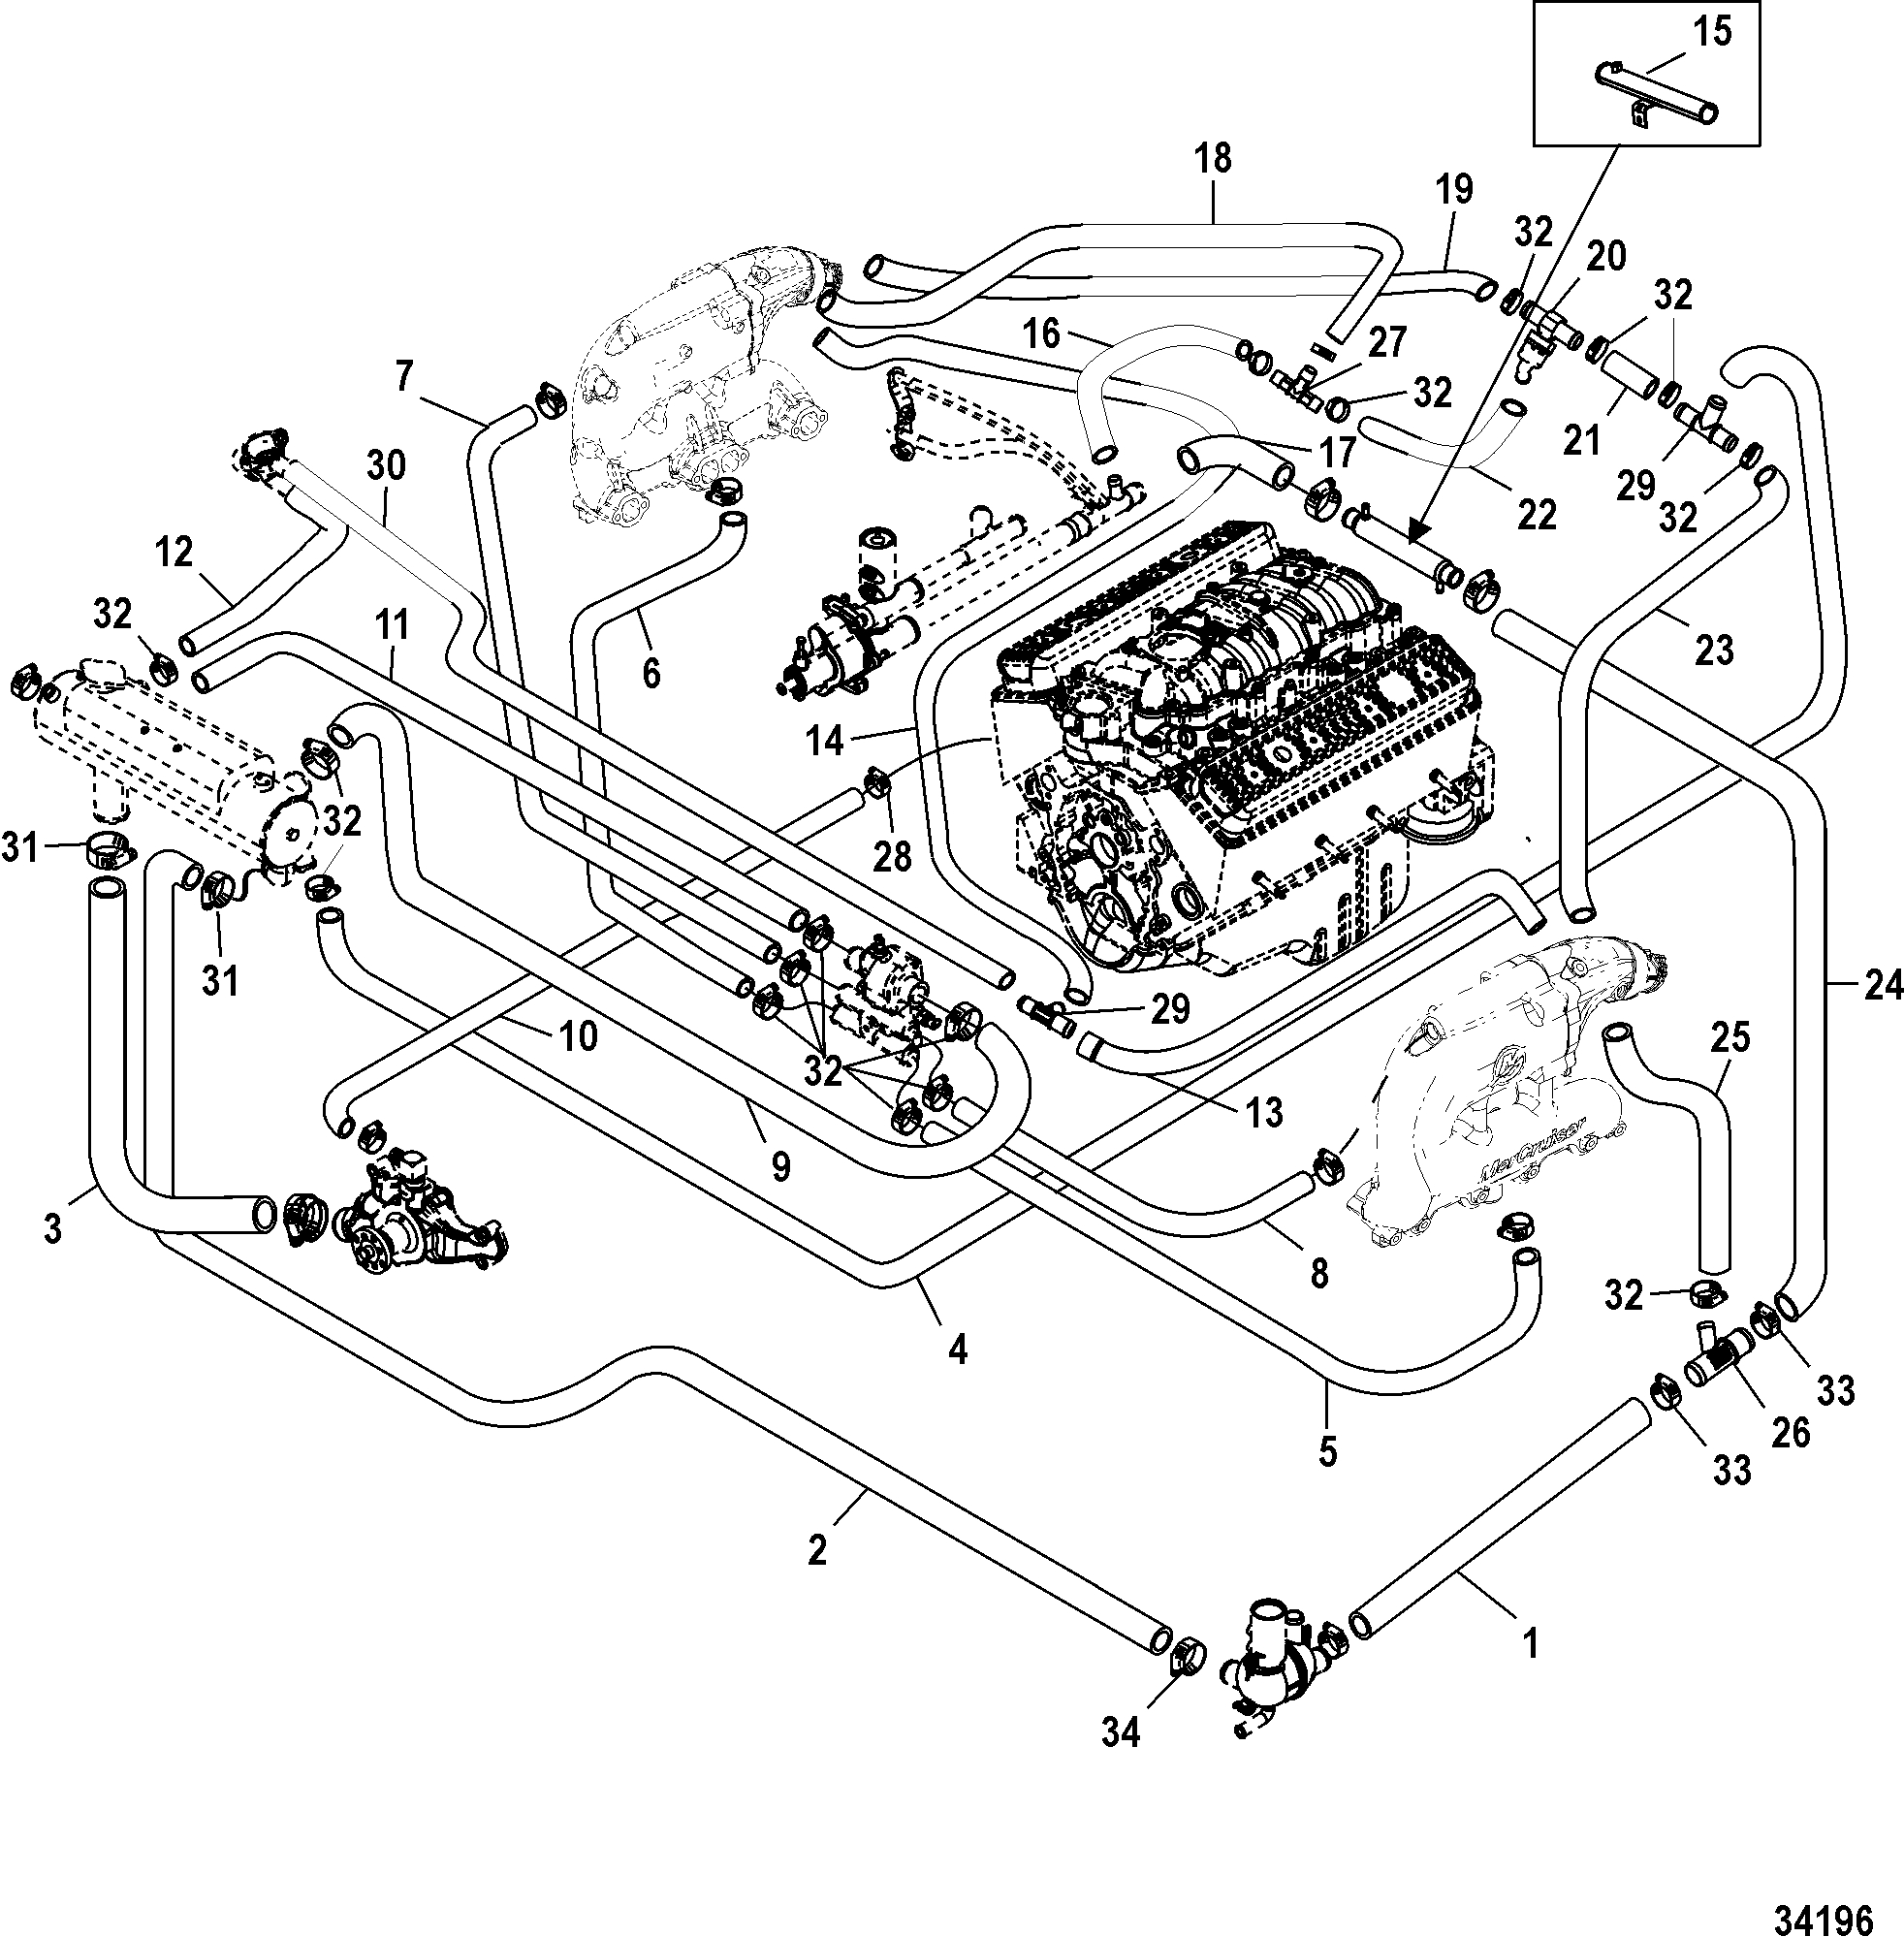 454 Mercruiser Engine Wiring Diagram | Wiring Library - Mercruiser 5.7 Wiring Diagram